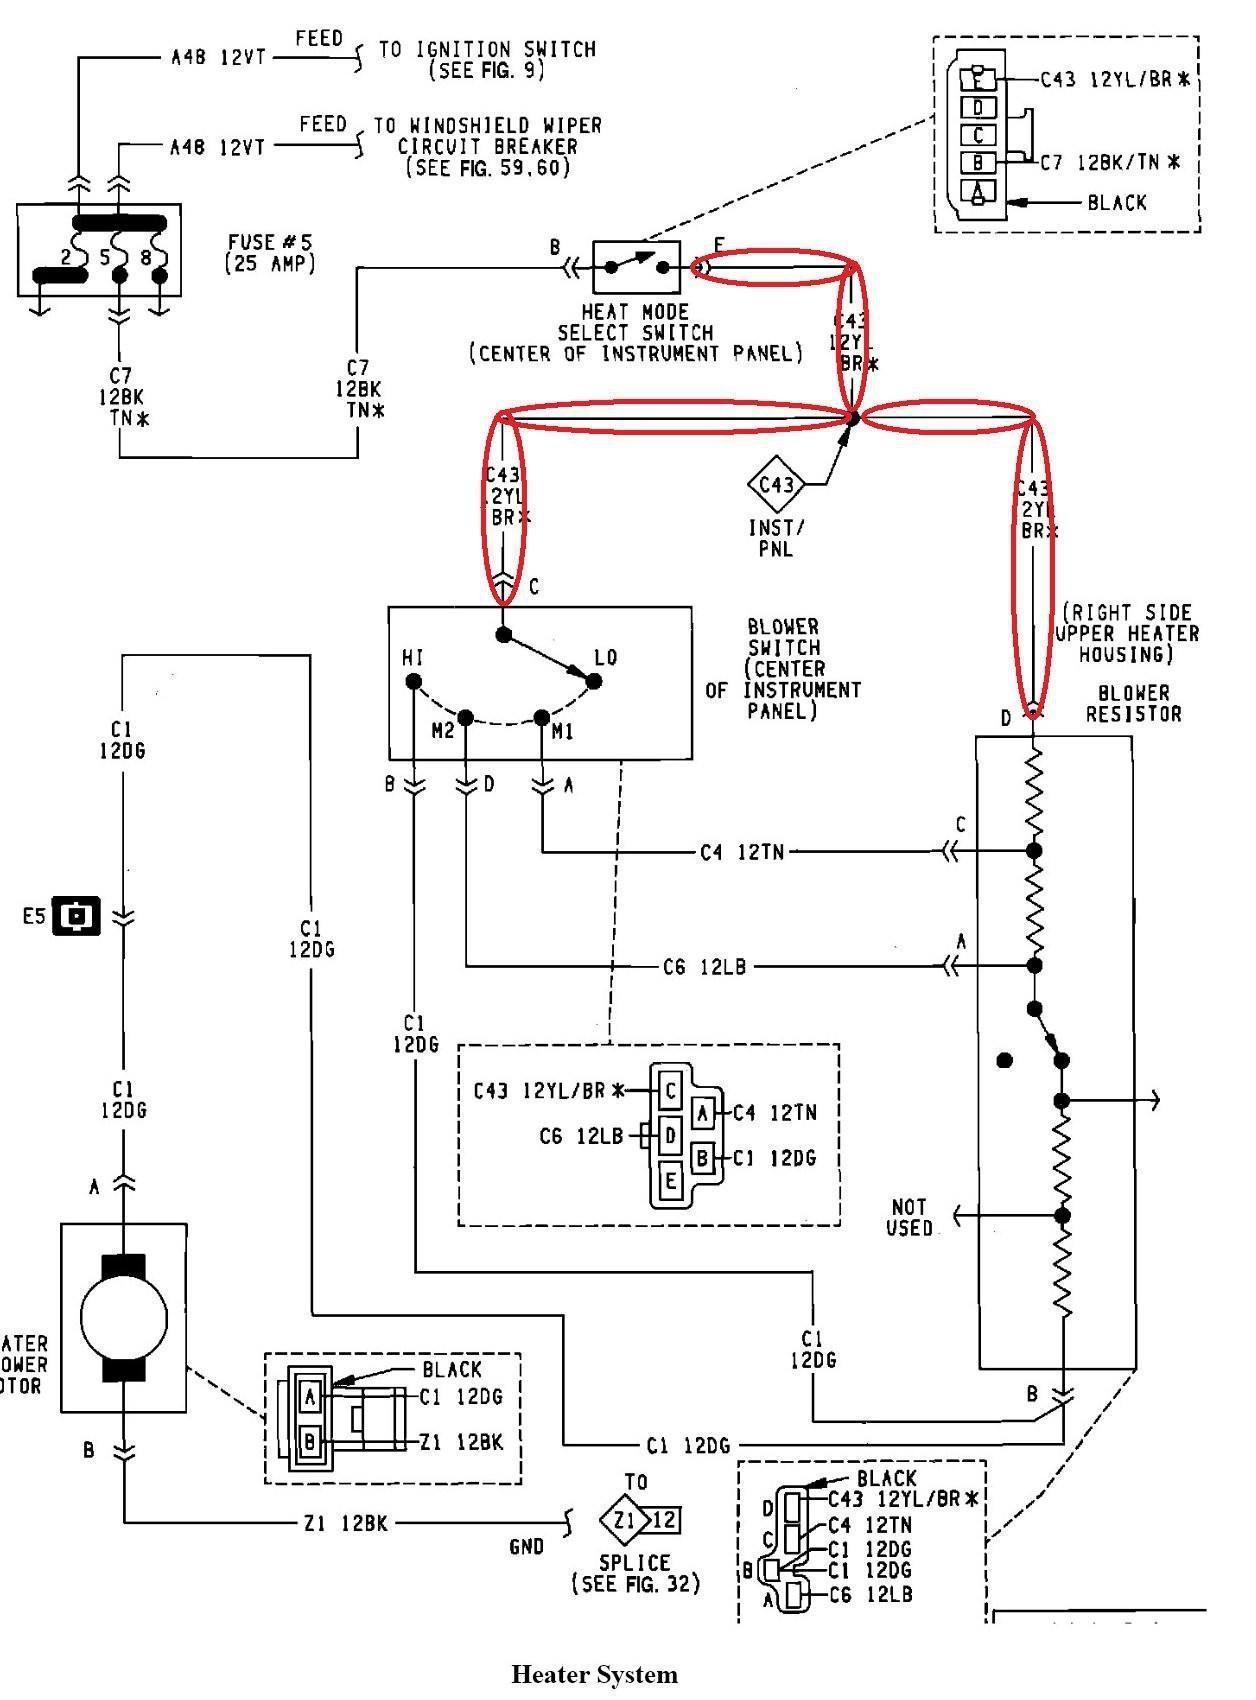 Ezgo Golf Cart 36 Volt Battery Wiring Diagram | Wiring Diagram - 36 Volt Ez Go Golf Cart Wiring Diagram